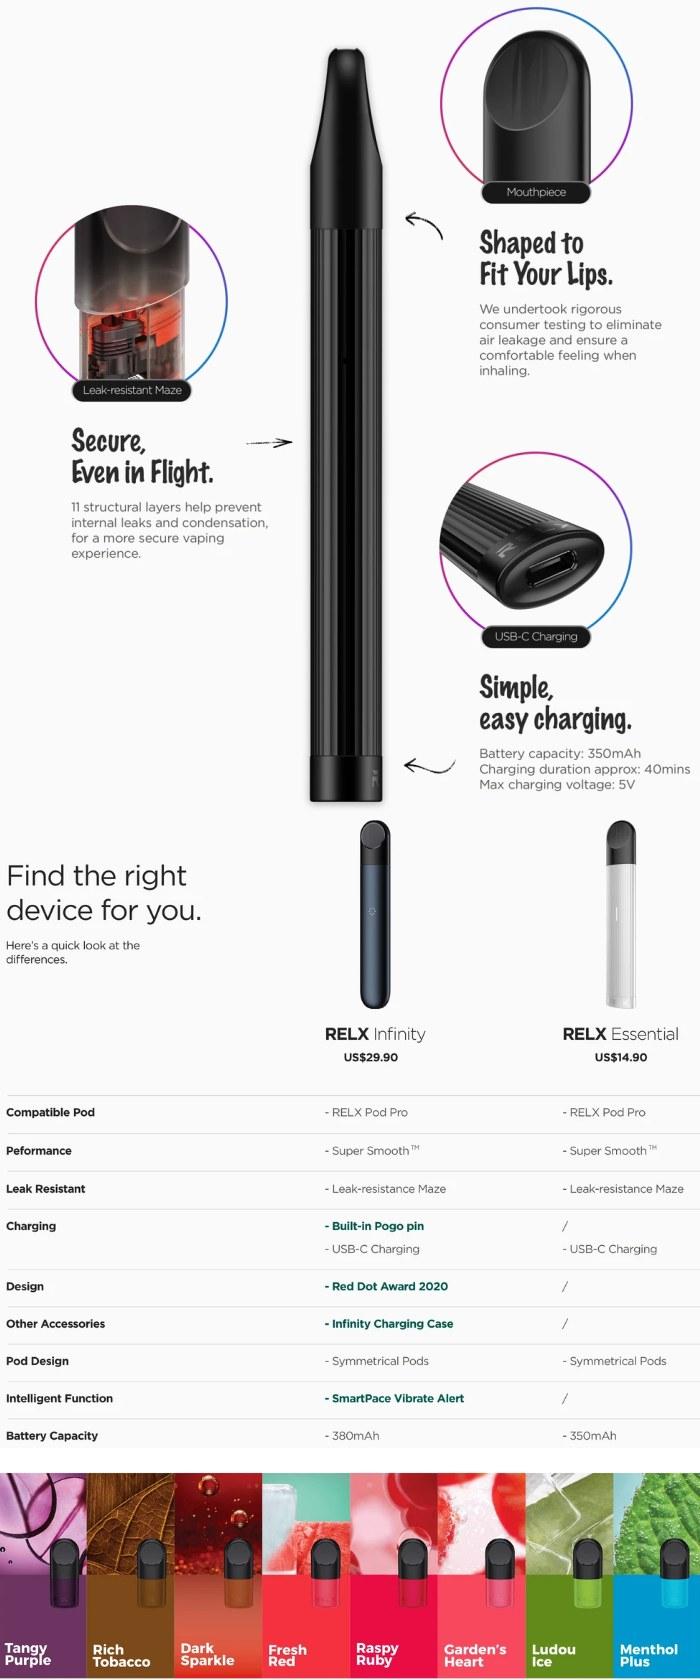 RELX Essential